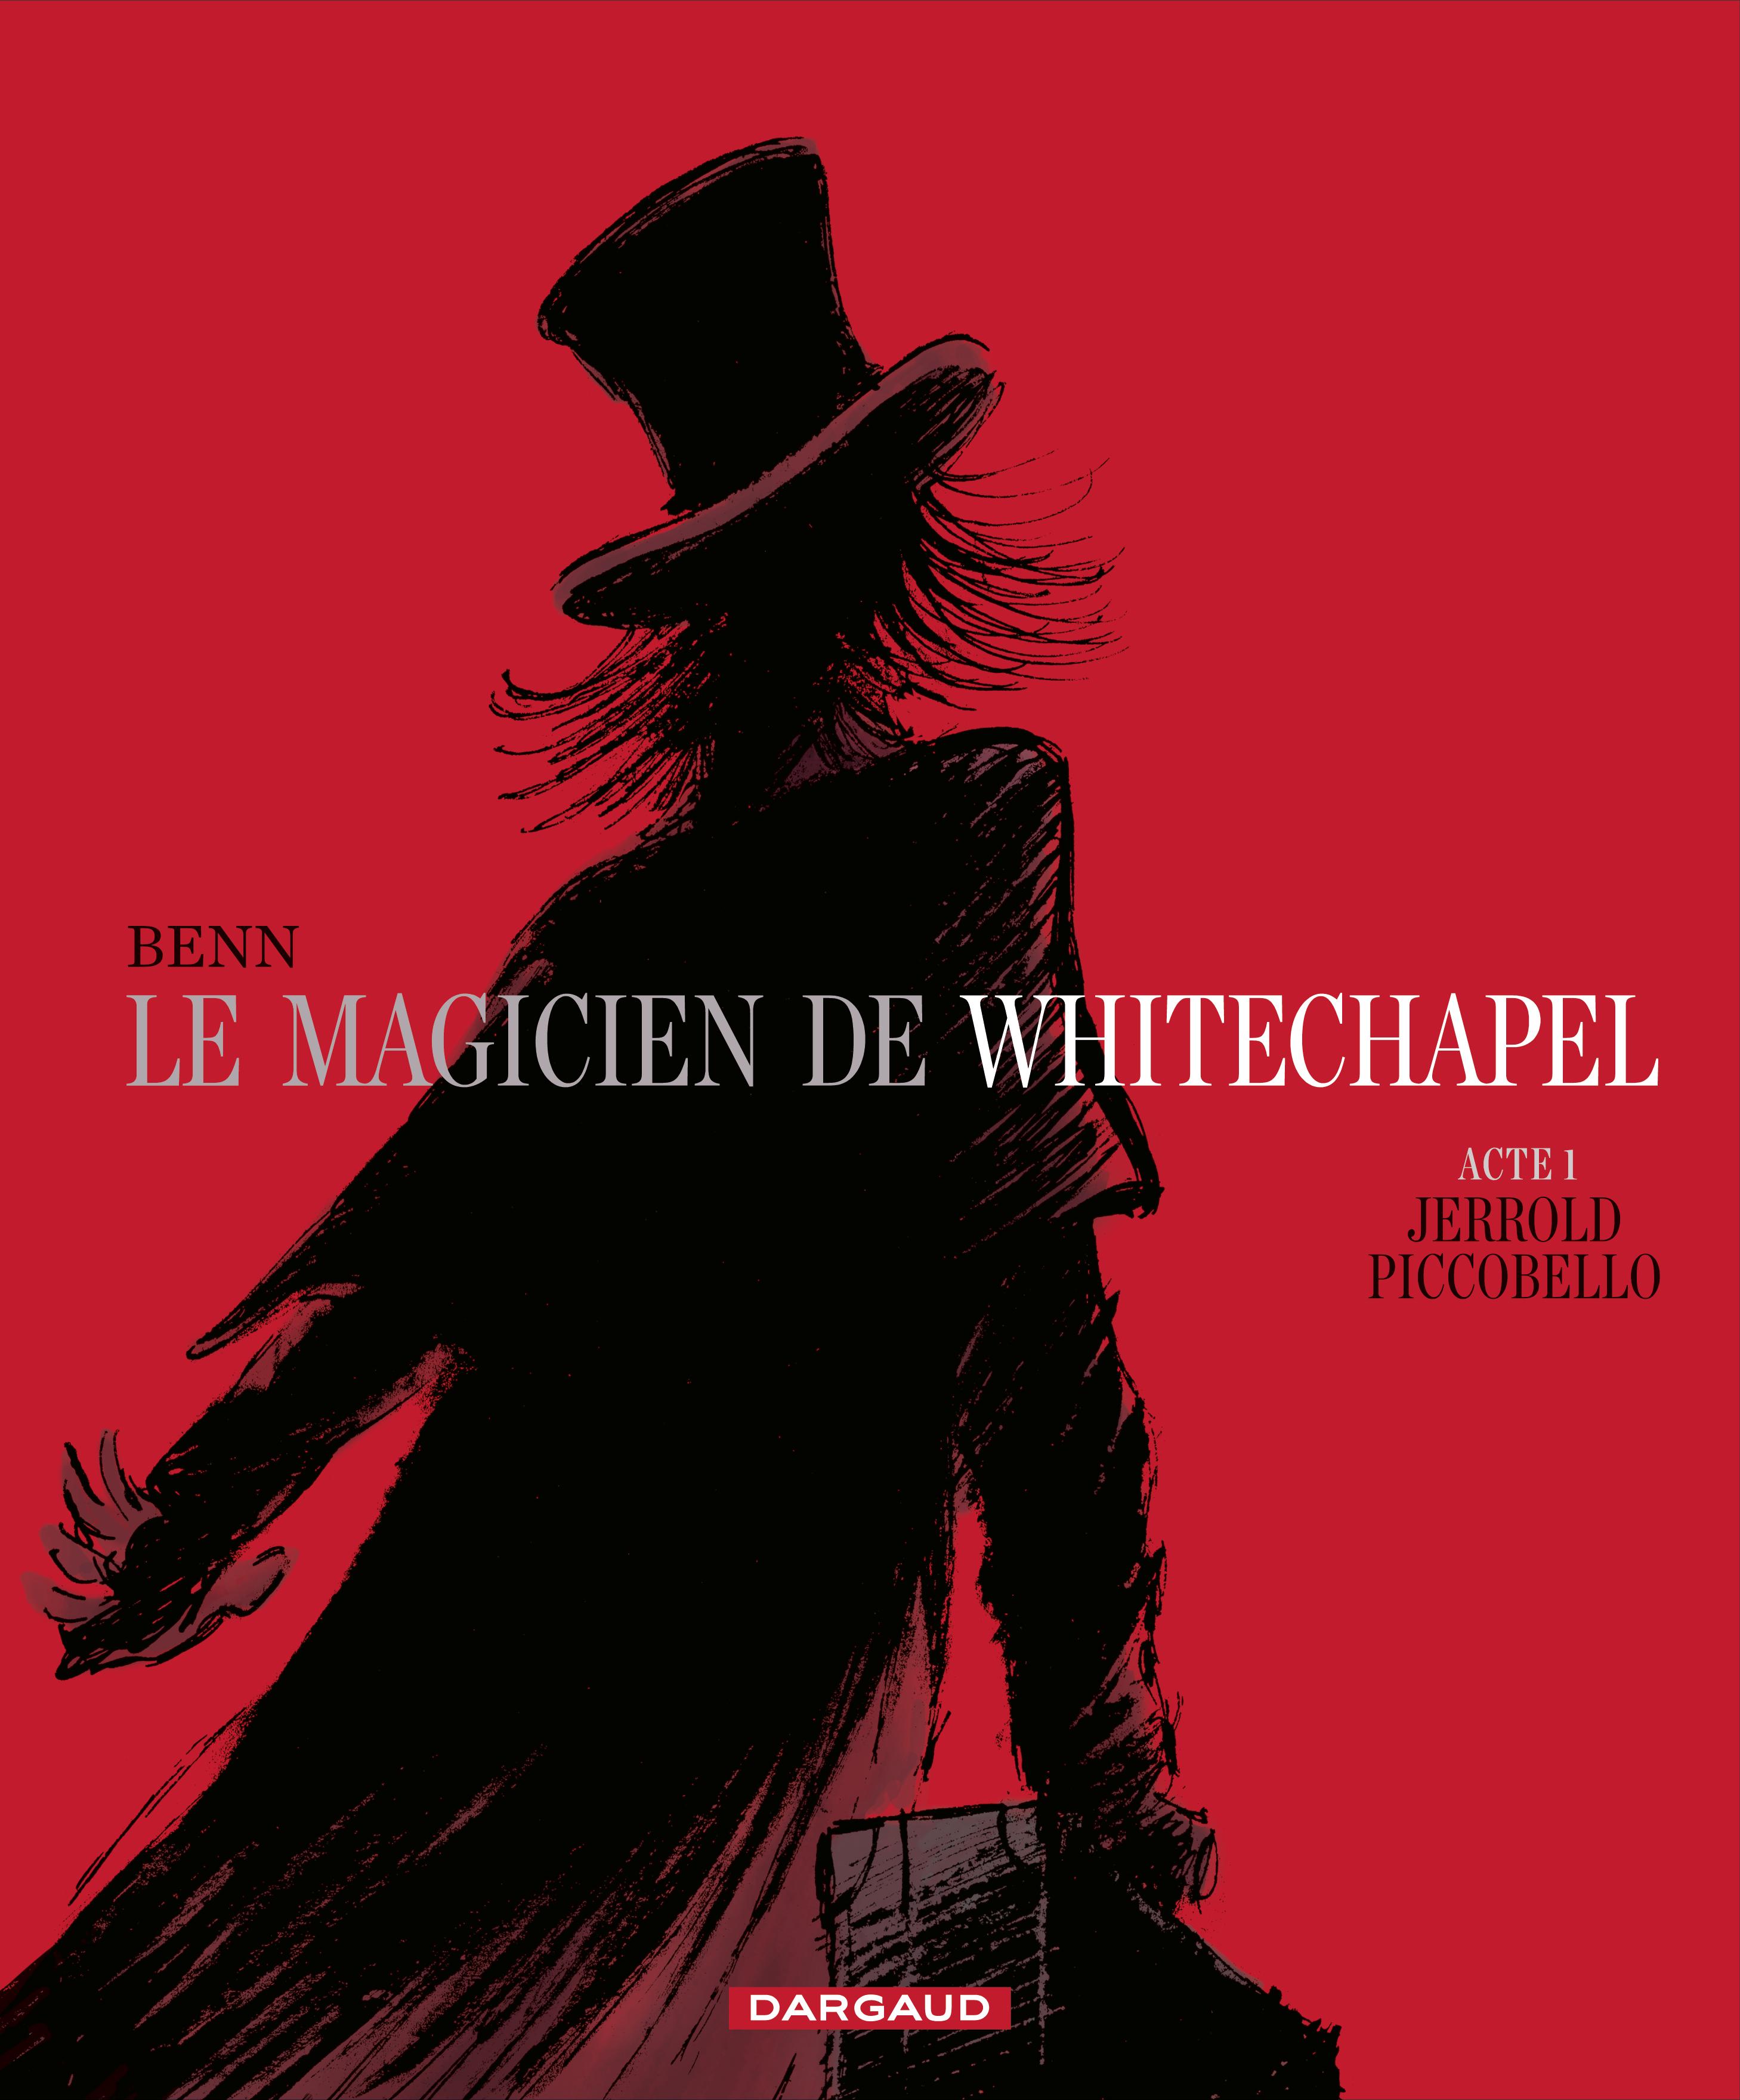 André Benn le magicien de Whitechapel